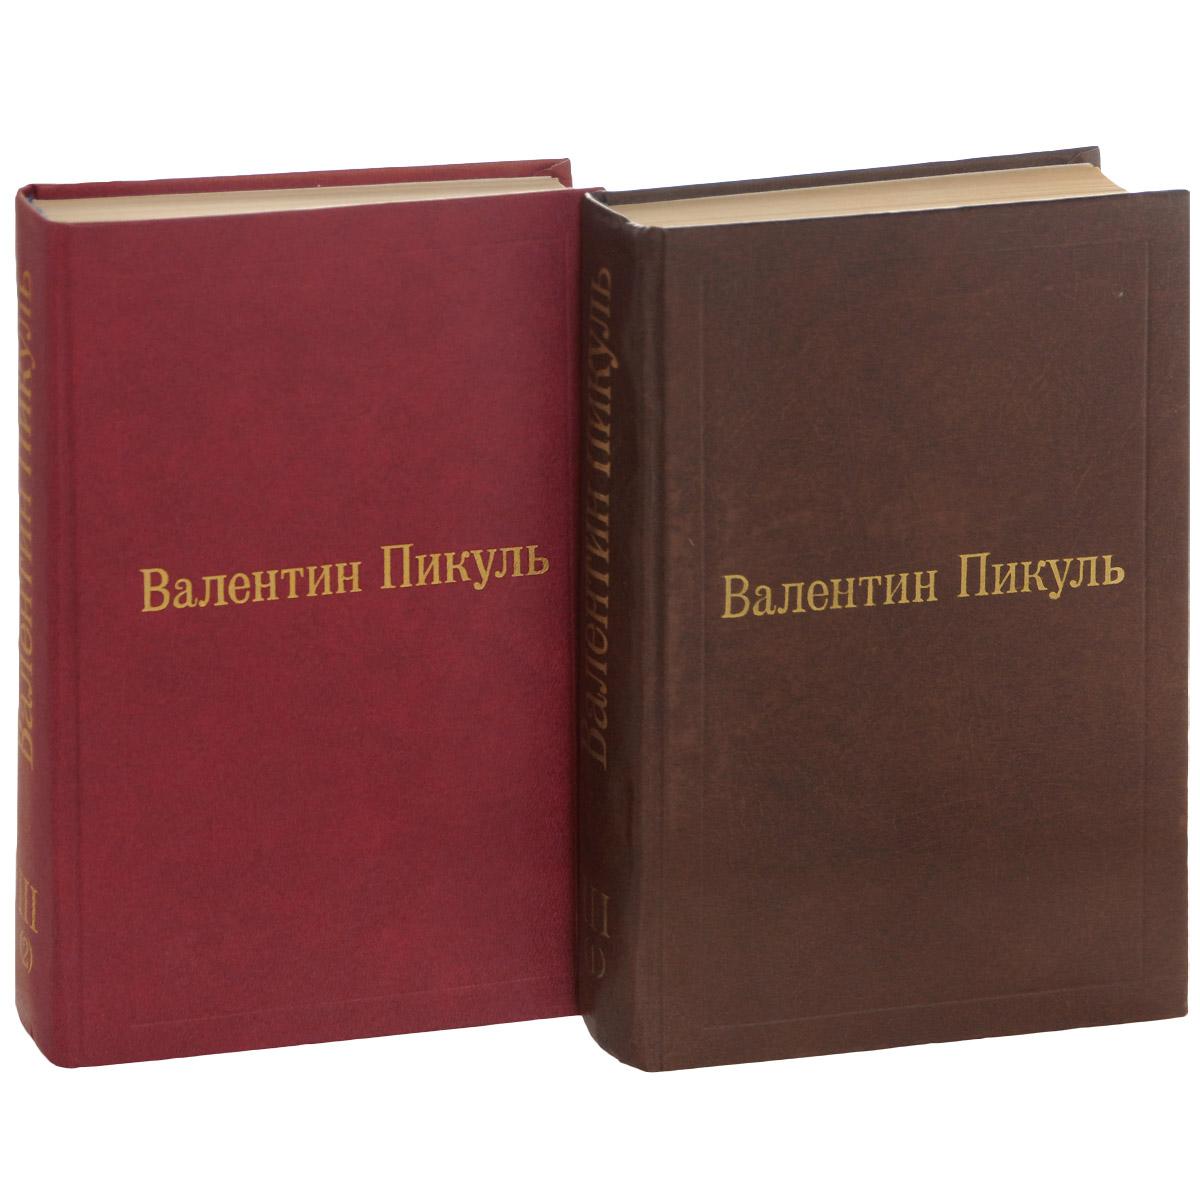 Валентин Пикуль. Избранные произведения в 12 томах. Том 3. Фаворит (комплект из 2 книг)